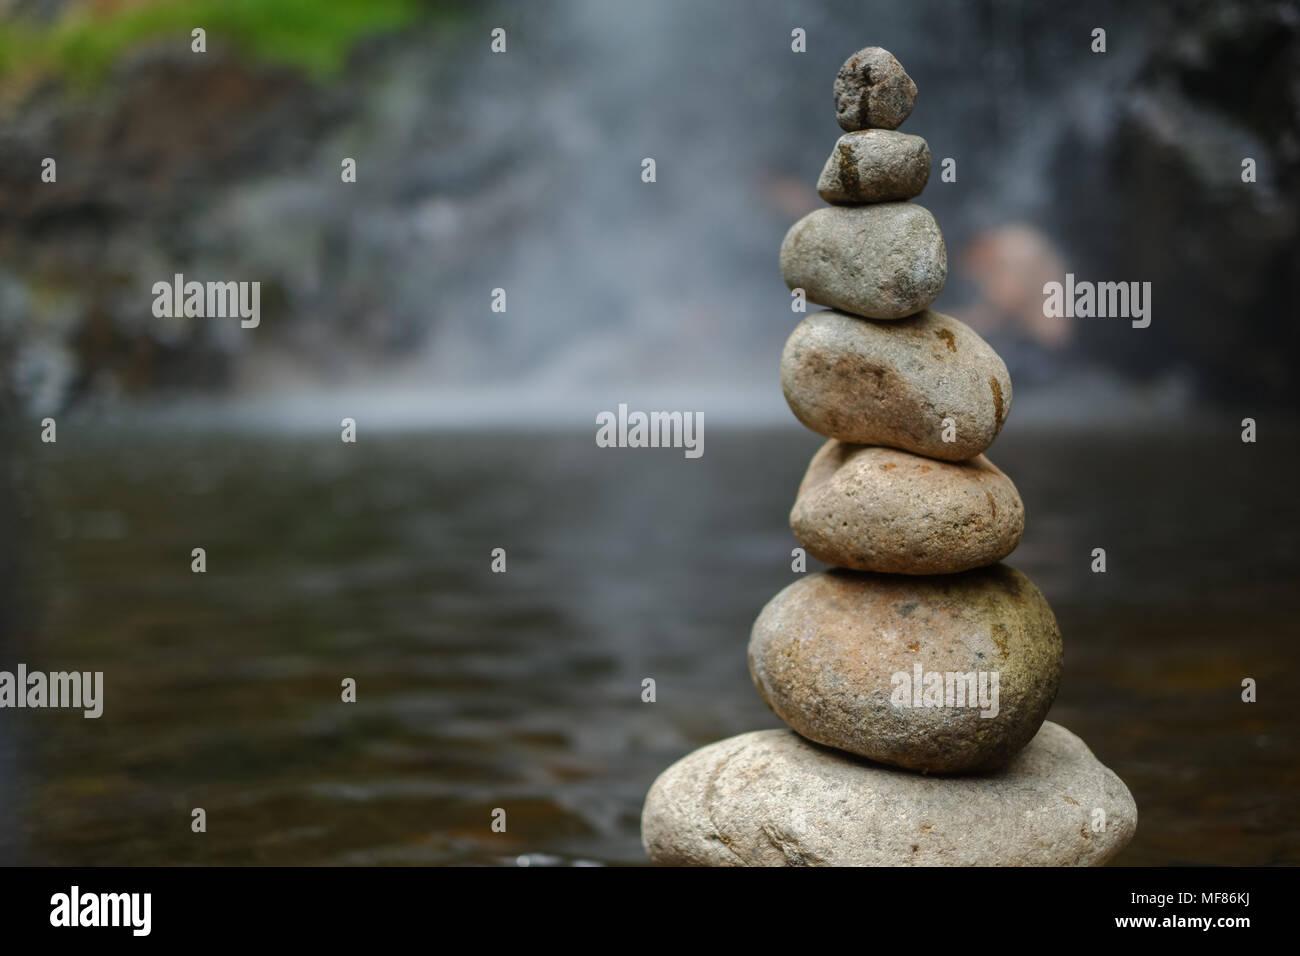 Guijarro en la cascada. La alta calidad de royalty free stock de pirámide de piedras en Pebble cascada que simboliza la estabilidad, la armonía, el equilibrio zen Imagen De Stock